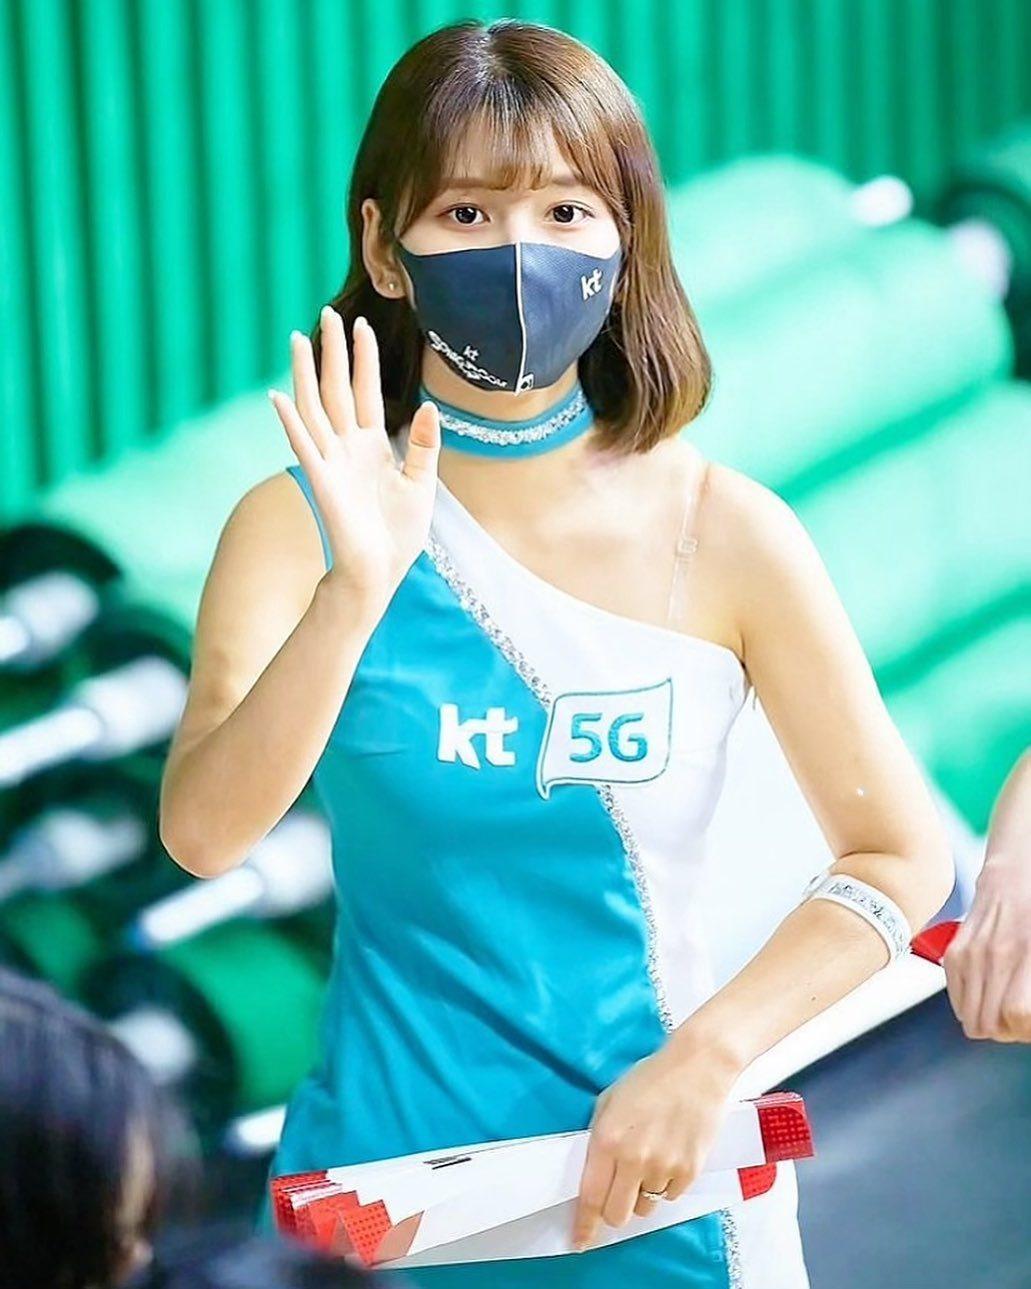 韩国啦啦女神「李河润」公开活动,因疫情大减转拍抖音照吸人气-新图包